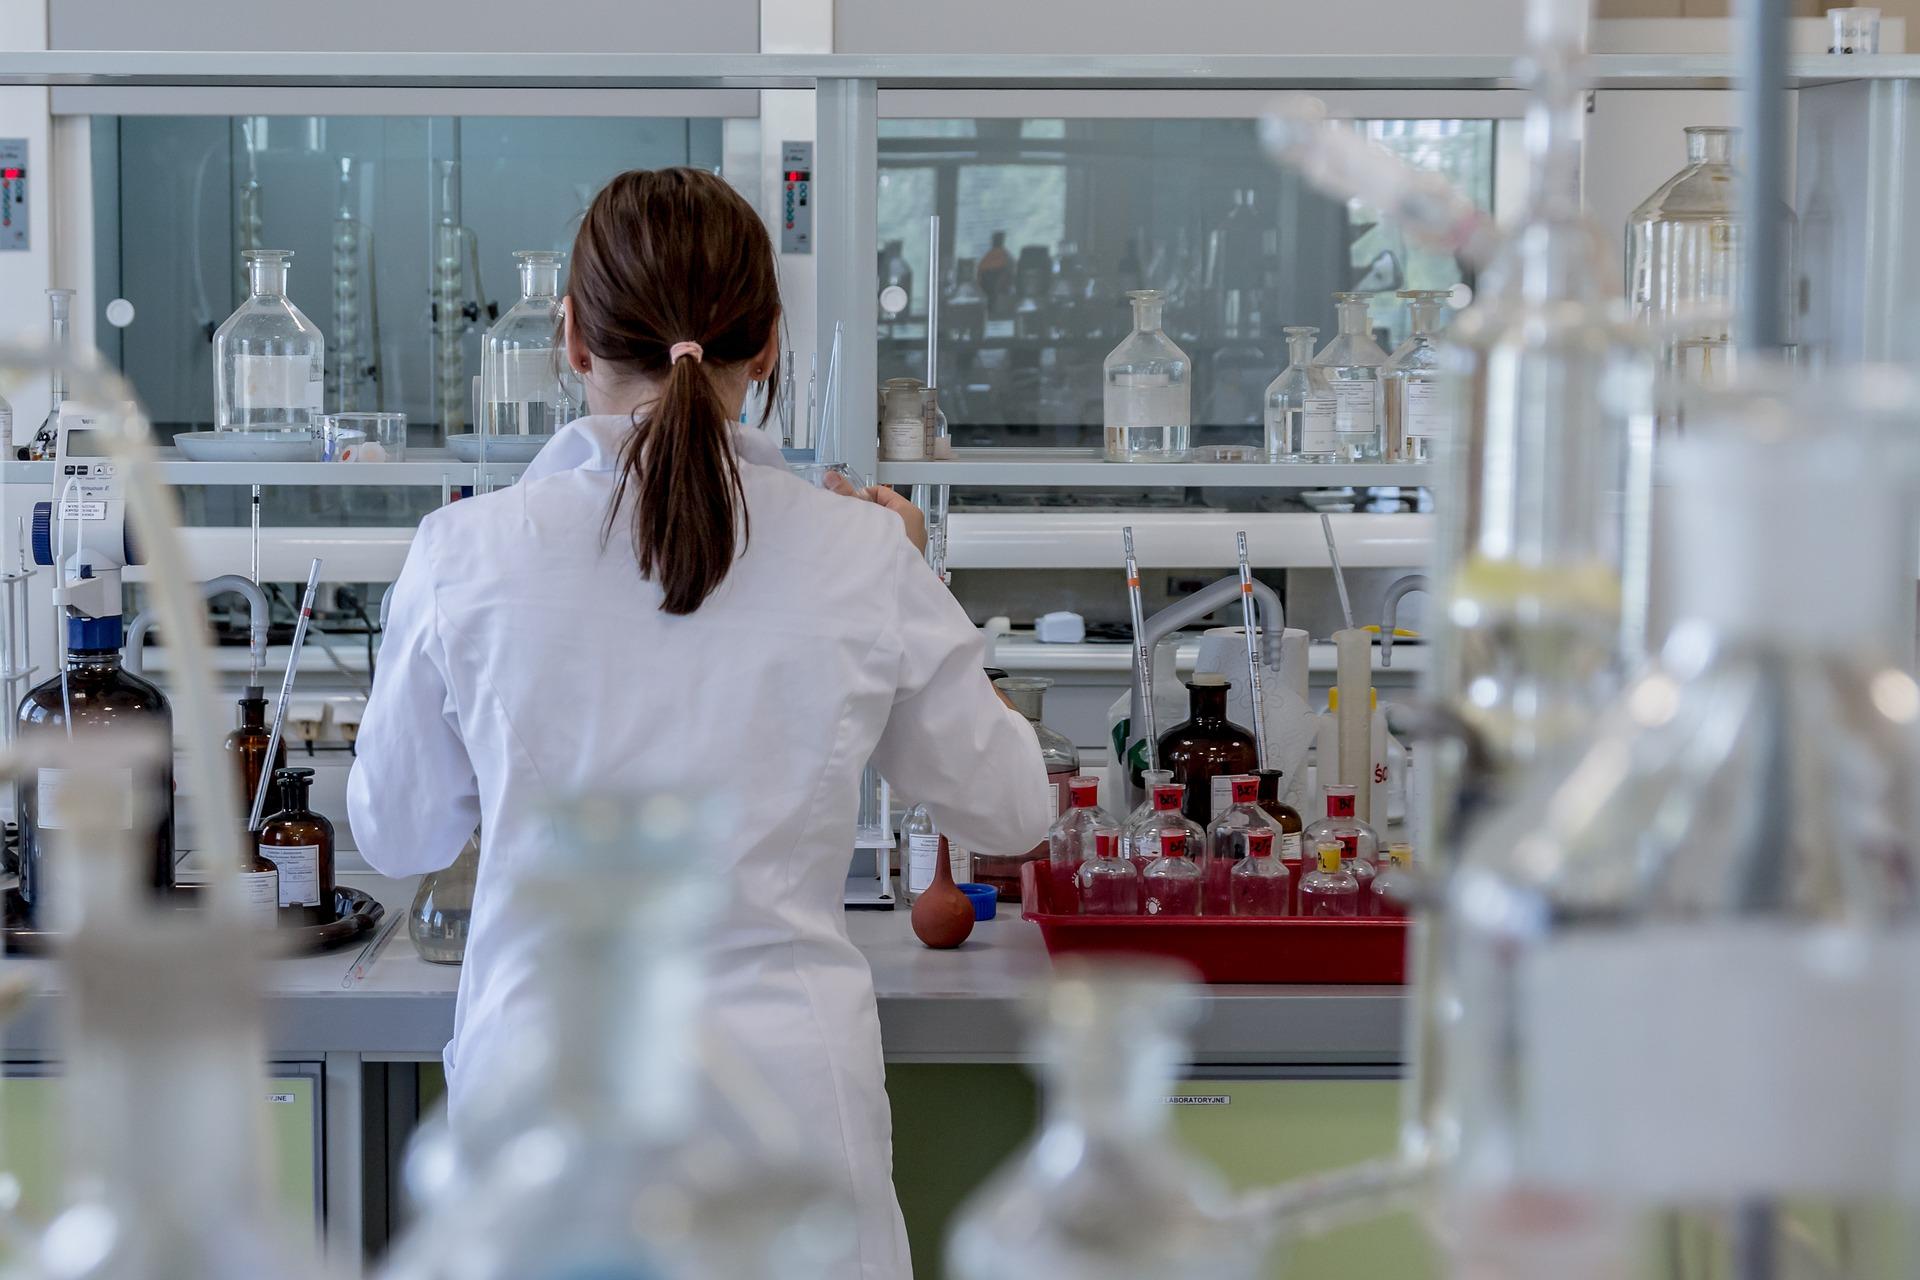 Szkolenie okresowe bhp pracowników farmacji i jednostek badawczo-naukowych